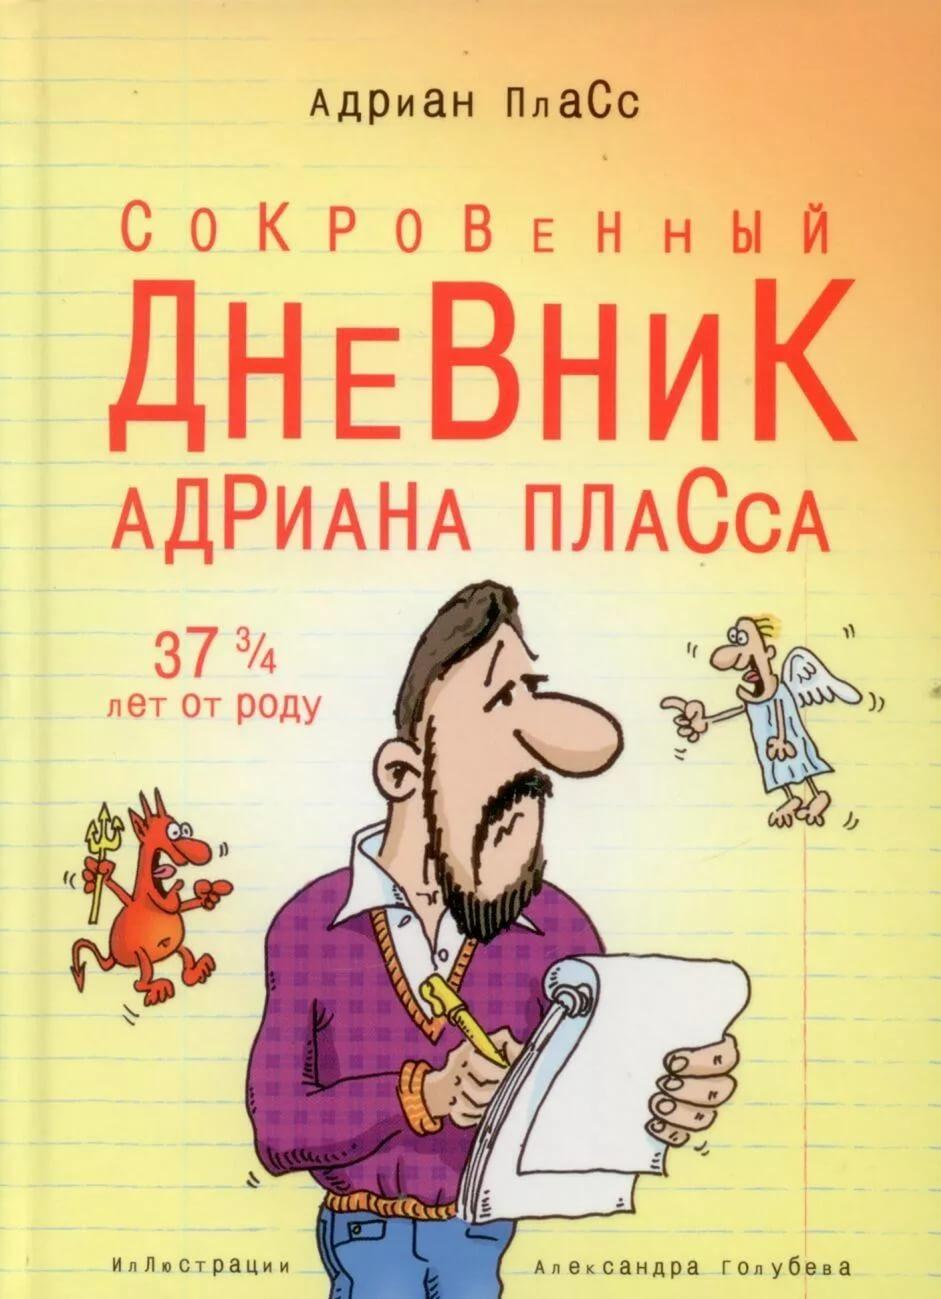 Сокровенный дневник Адриана Пласса